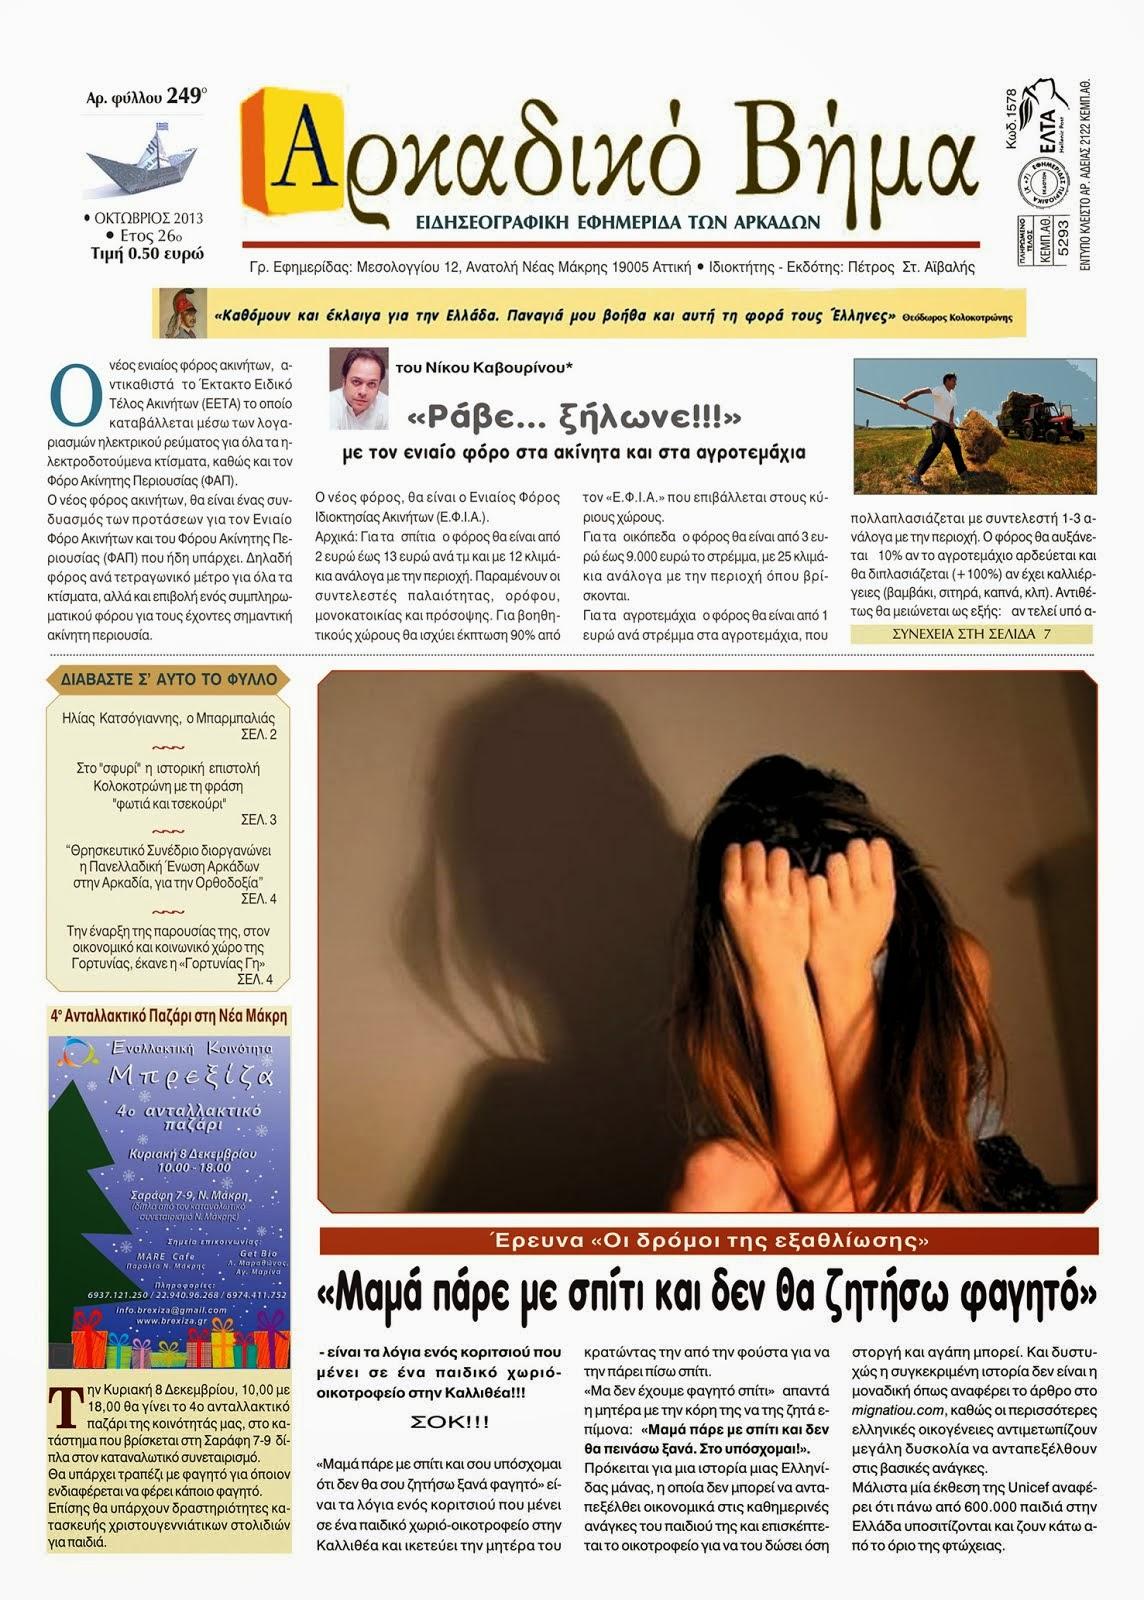 Ζούμε την πλήρη εξαθλίωση της ελληνικής κοινωνίας!